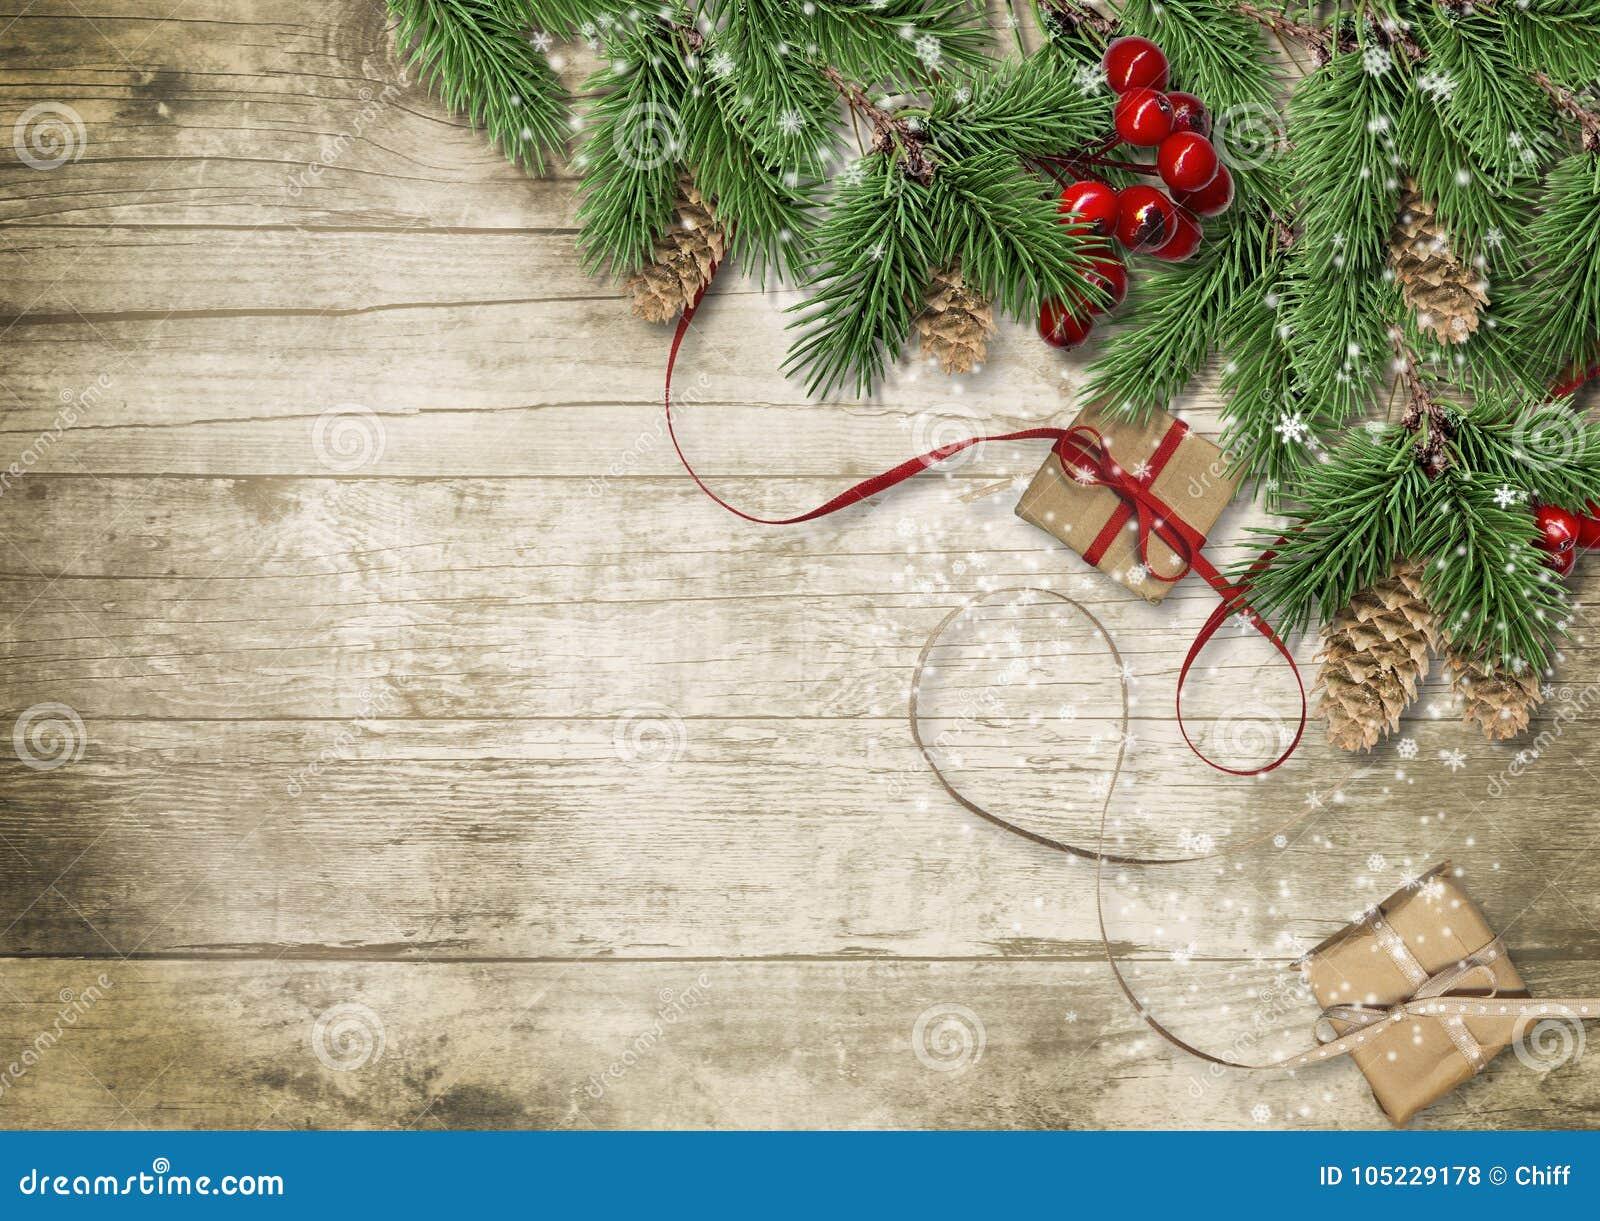 Weihnachtshintergrund mit Baum, Stechpalme und Kegeln glückliches neues Jahr 2007